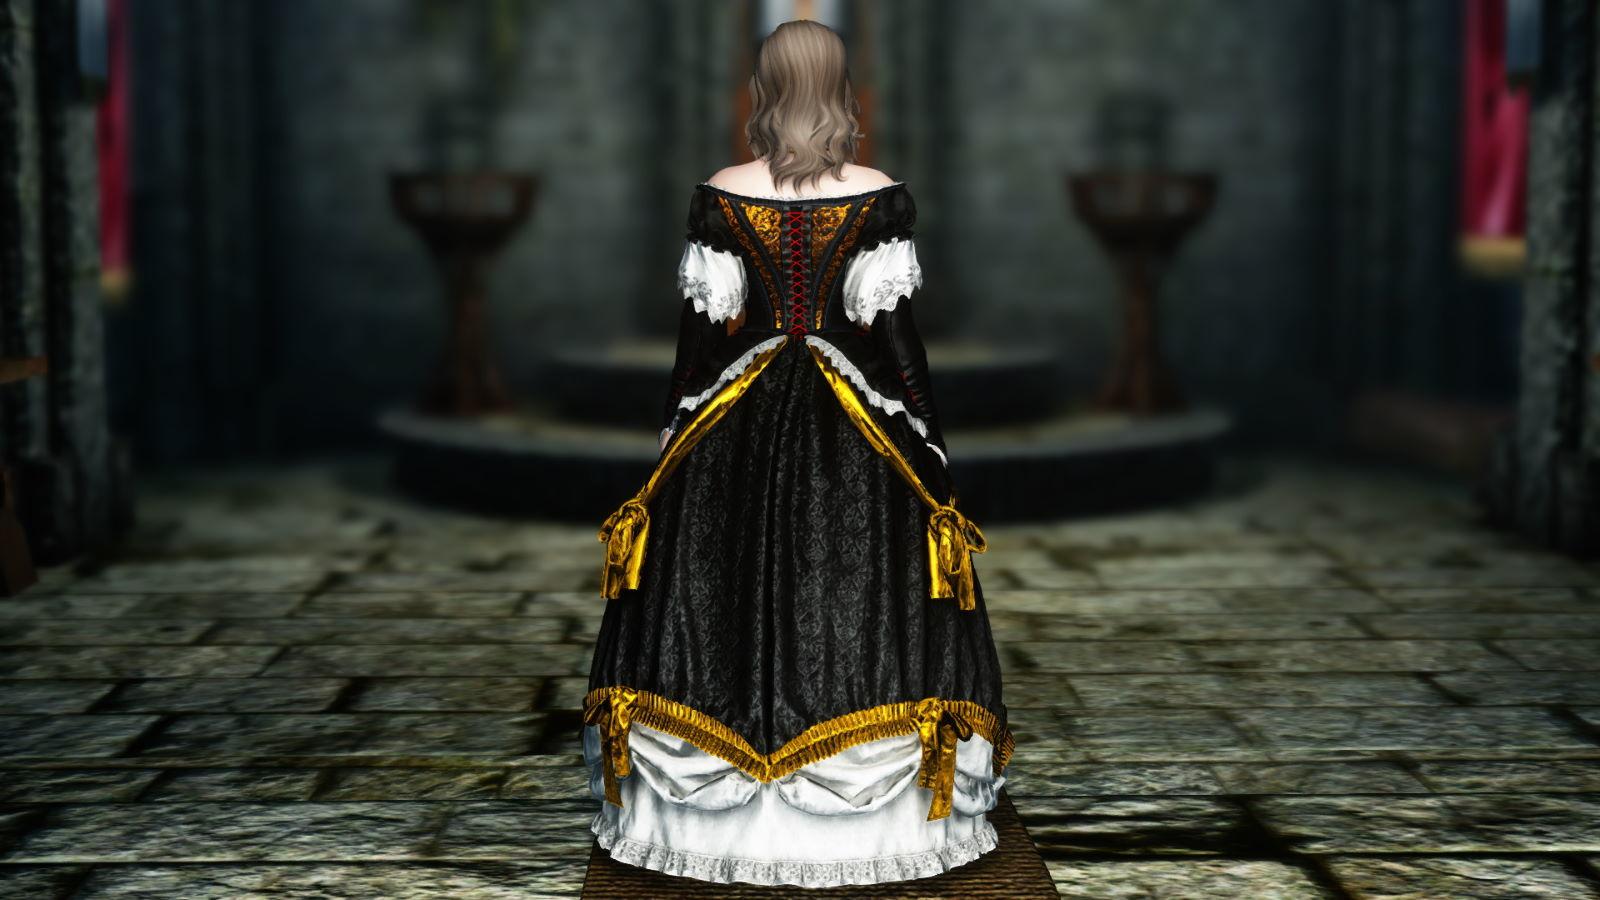 FullInuEliseDressSK 231-1 Pose Dress Gold 1